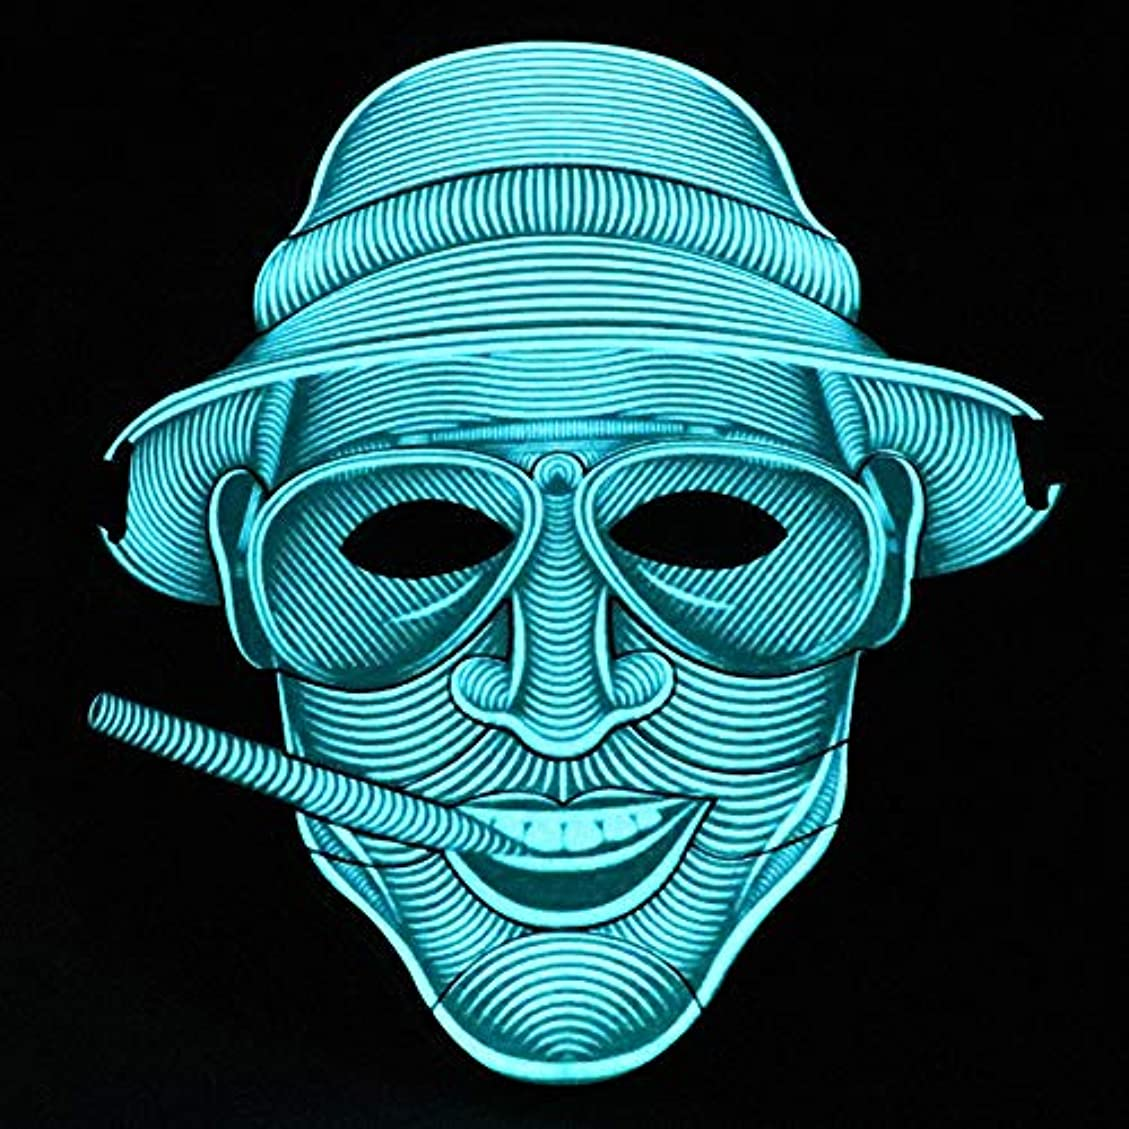 ビヨン前部証明照らされたマスクLED創造的な冷光音響制御マスクハロウィンバーフェスティバルダンスマスク (Color : #3)